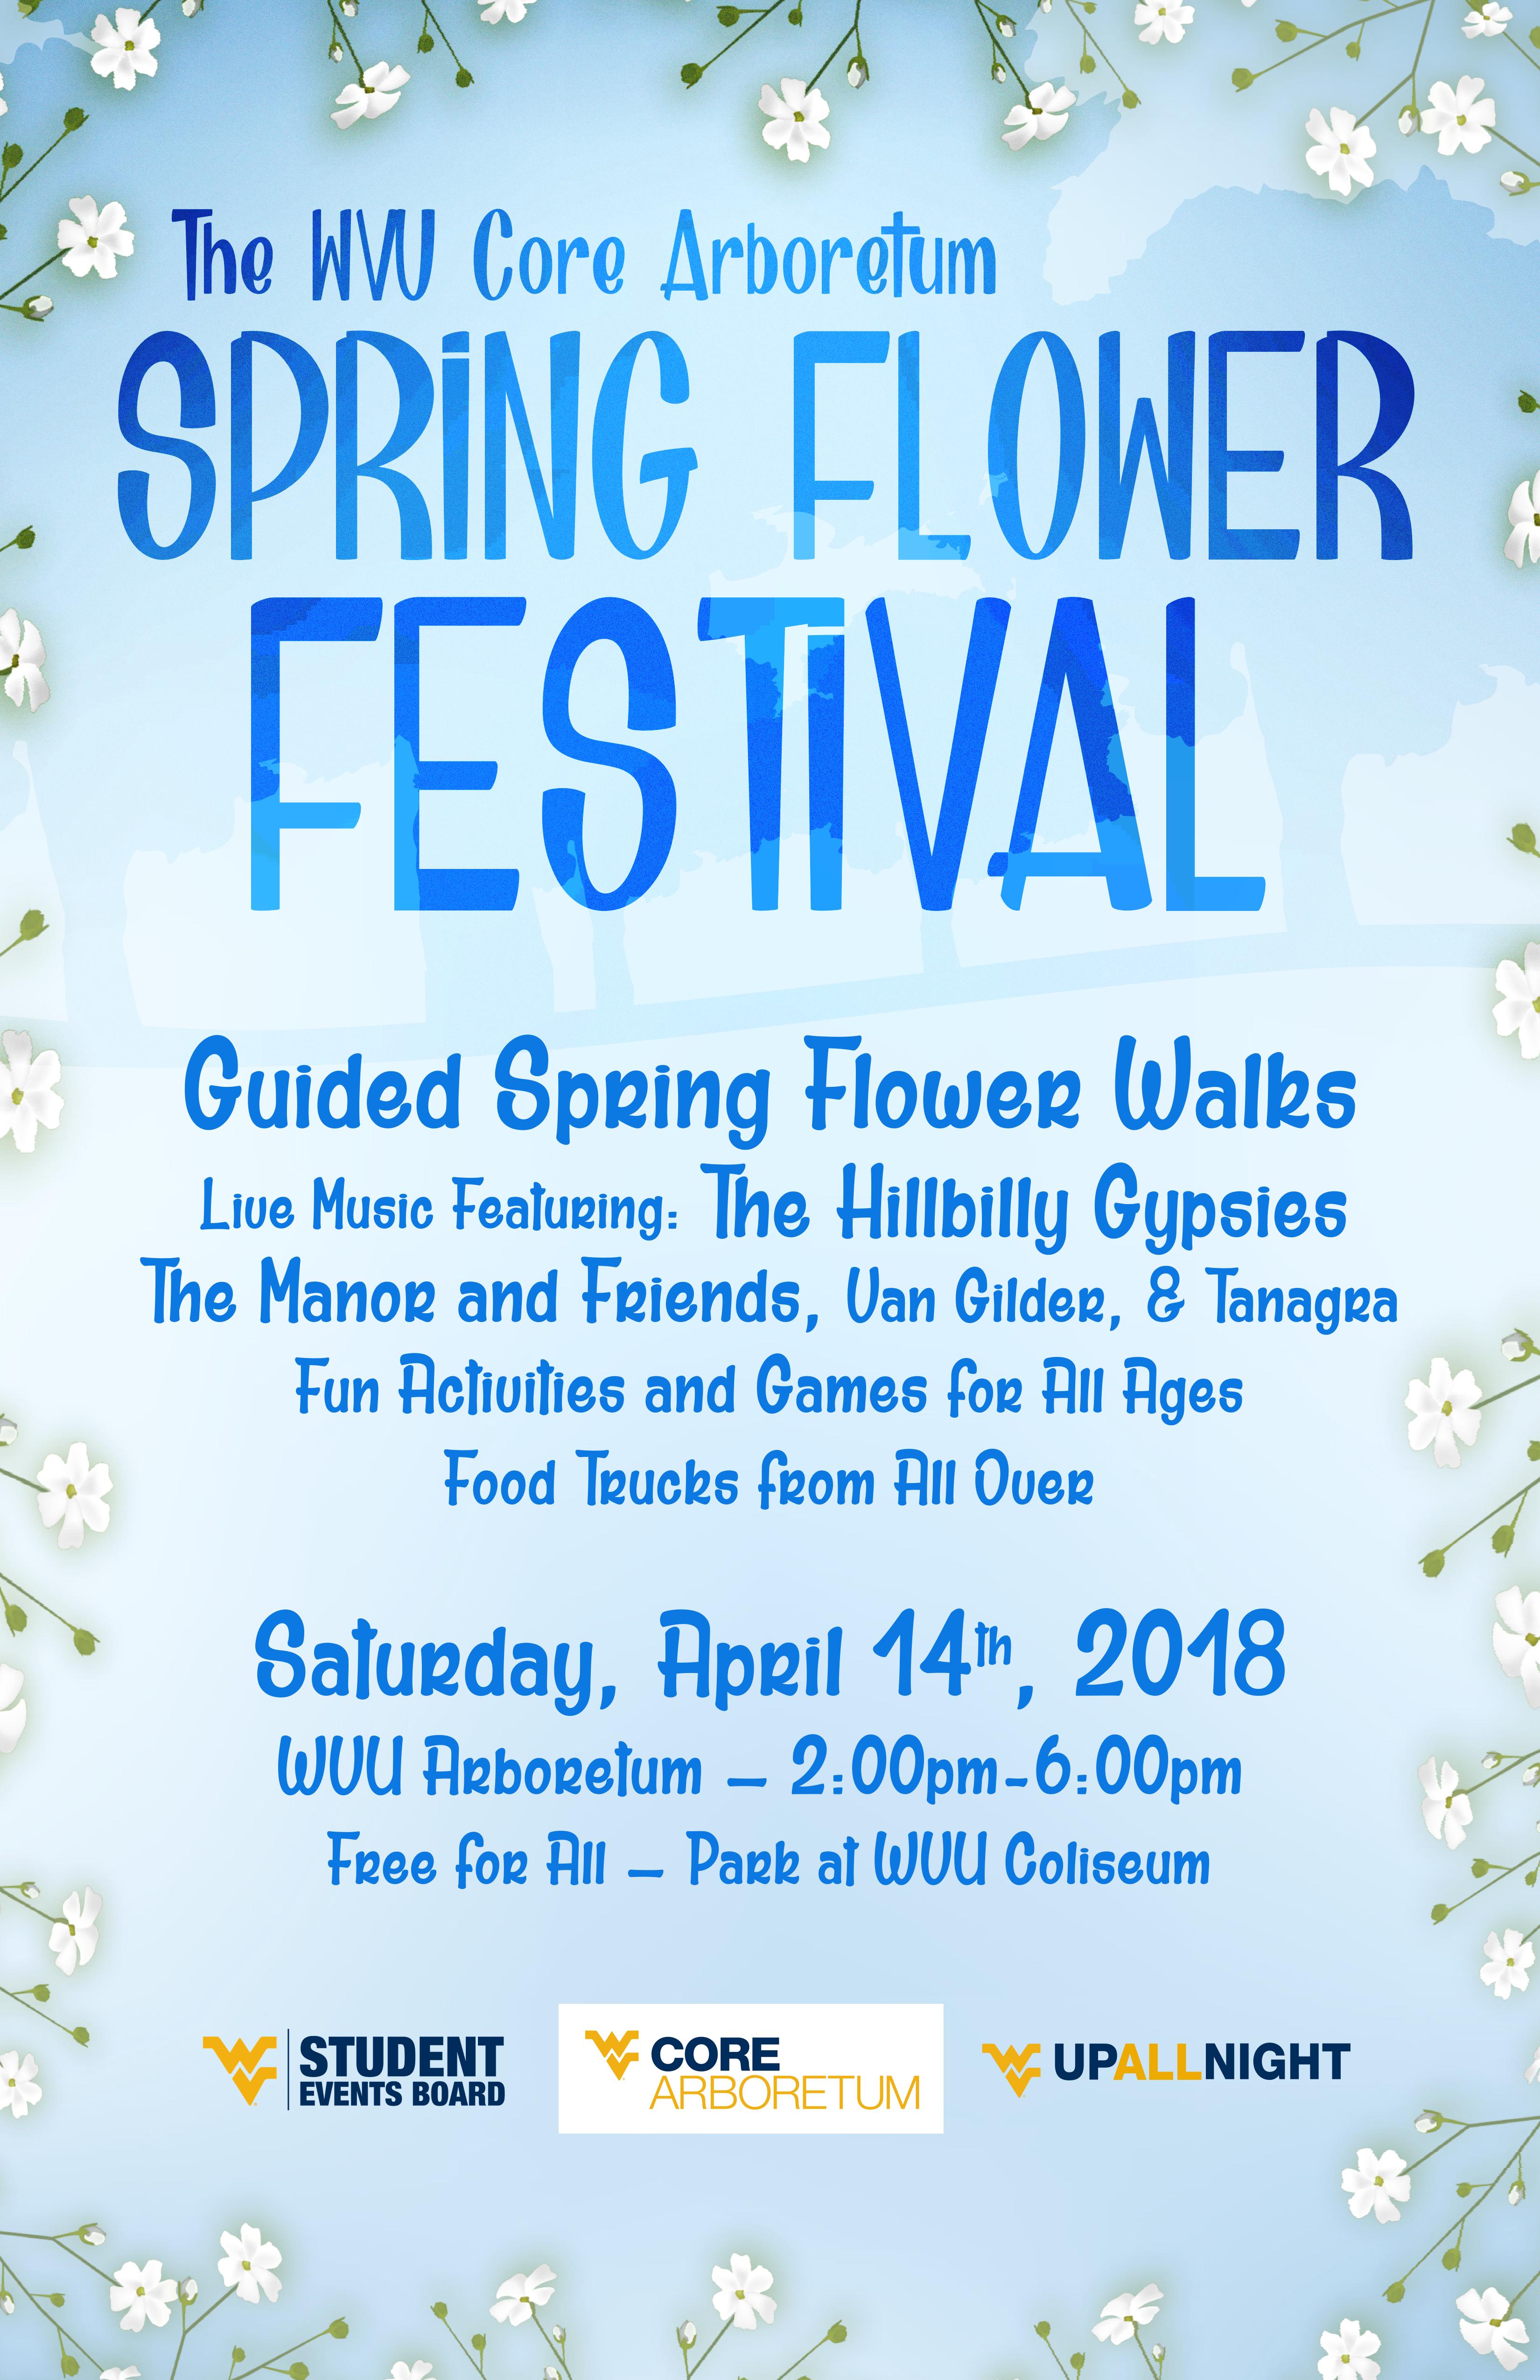 Spring Flower Festival Core Arboretum West Virginia University